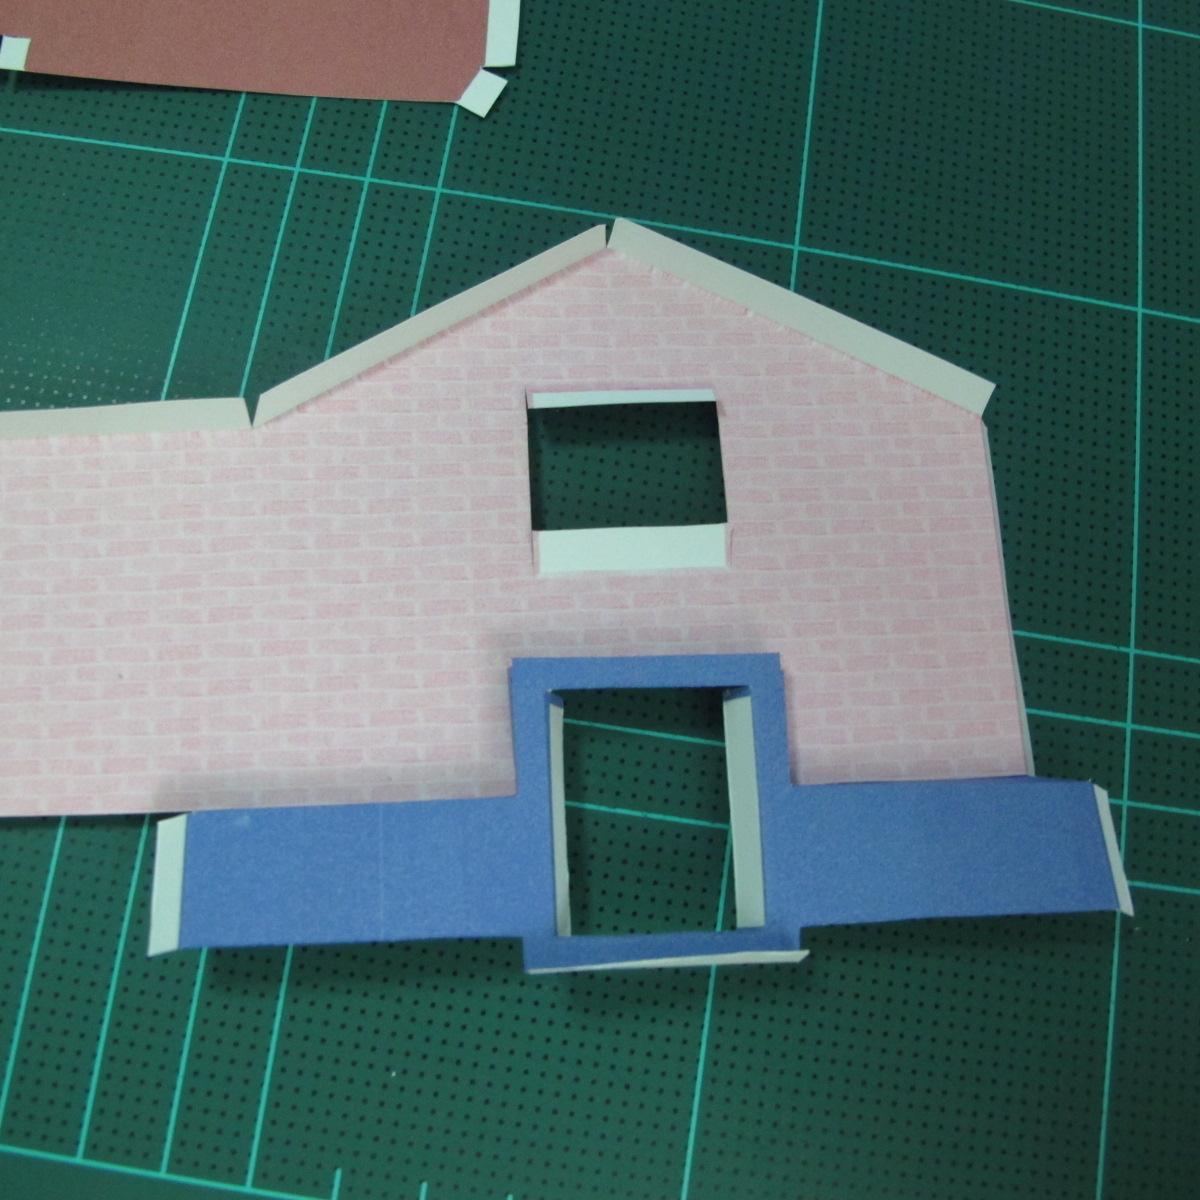 วิธีทำโมเดลกระดาษเป็นรูปบ้าน (Little House Papercraft Model) 004